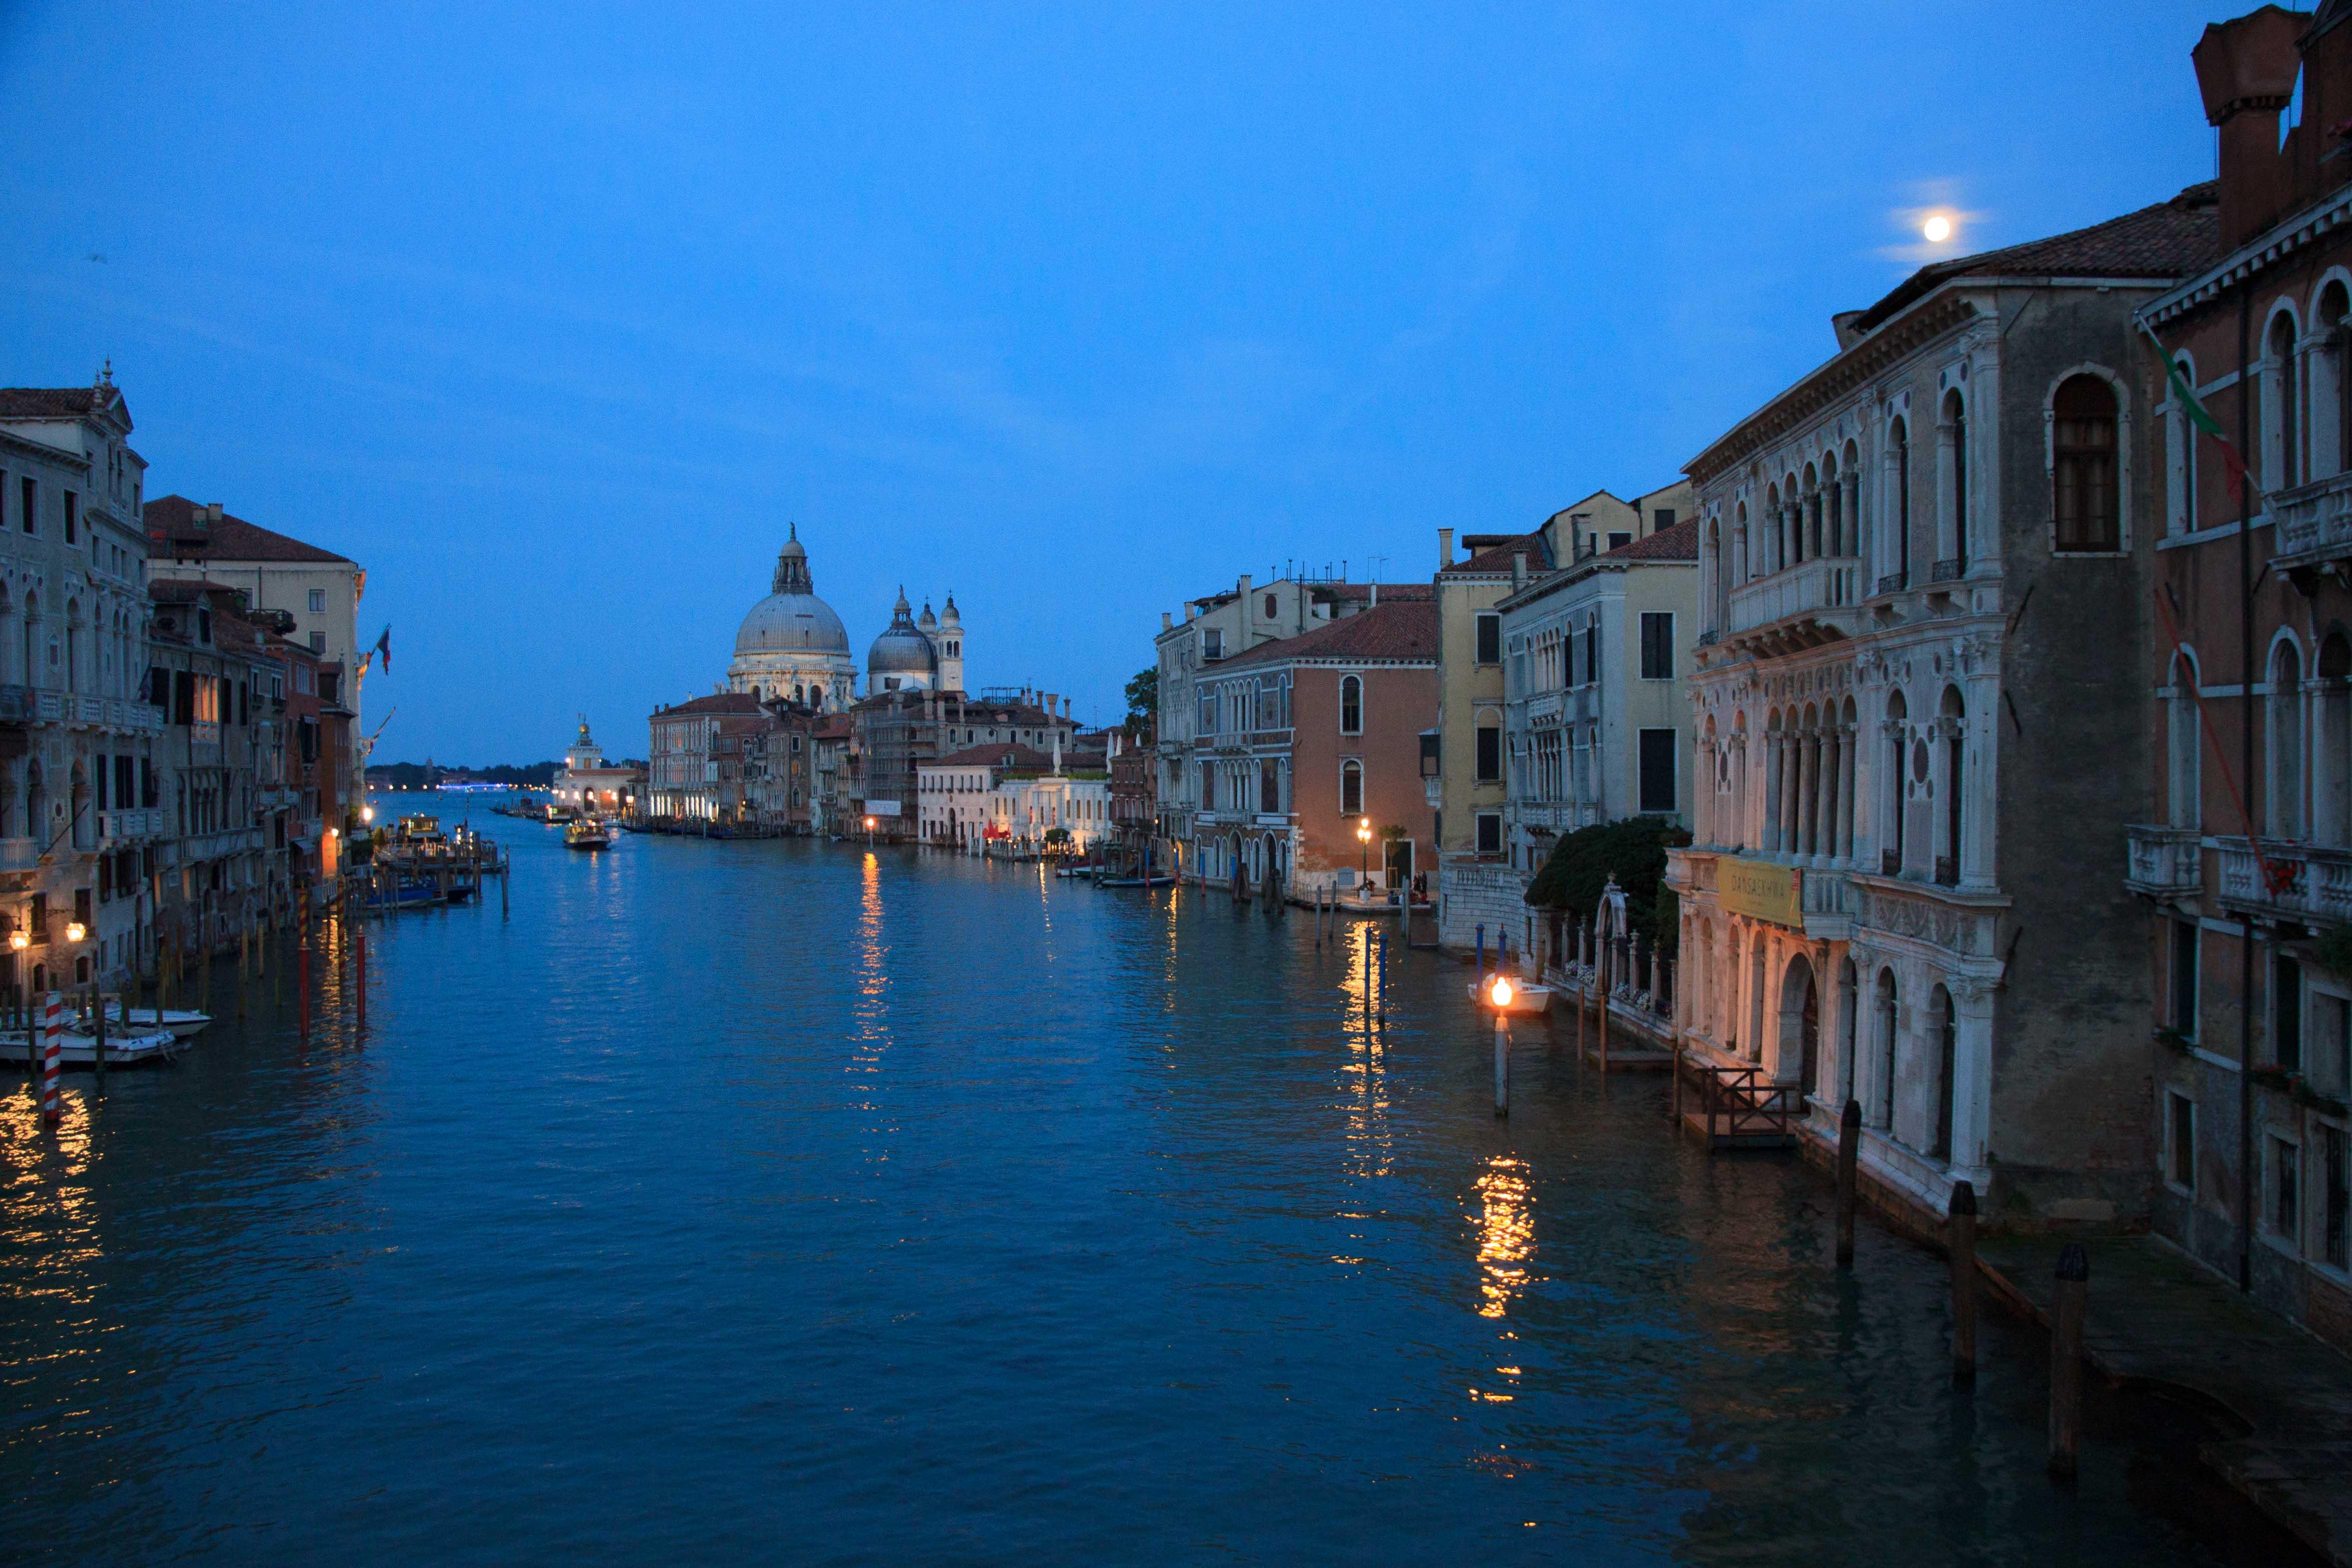 Grand Canal from Ponte dell Academia in the evening. Basilica di Santa Maria della Salute in the background.